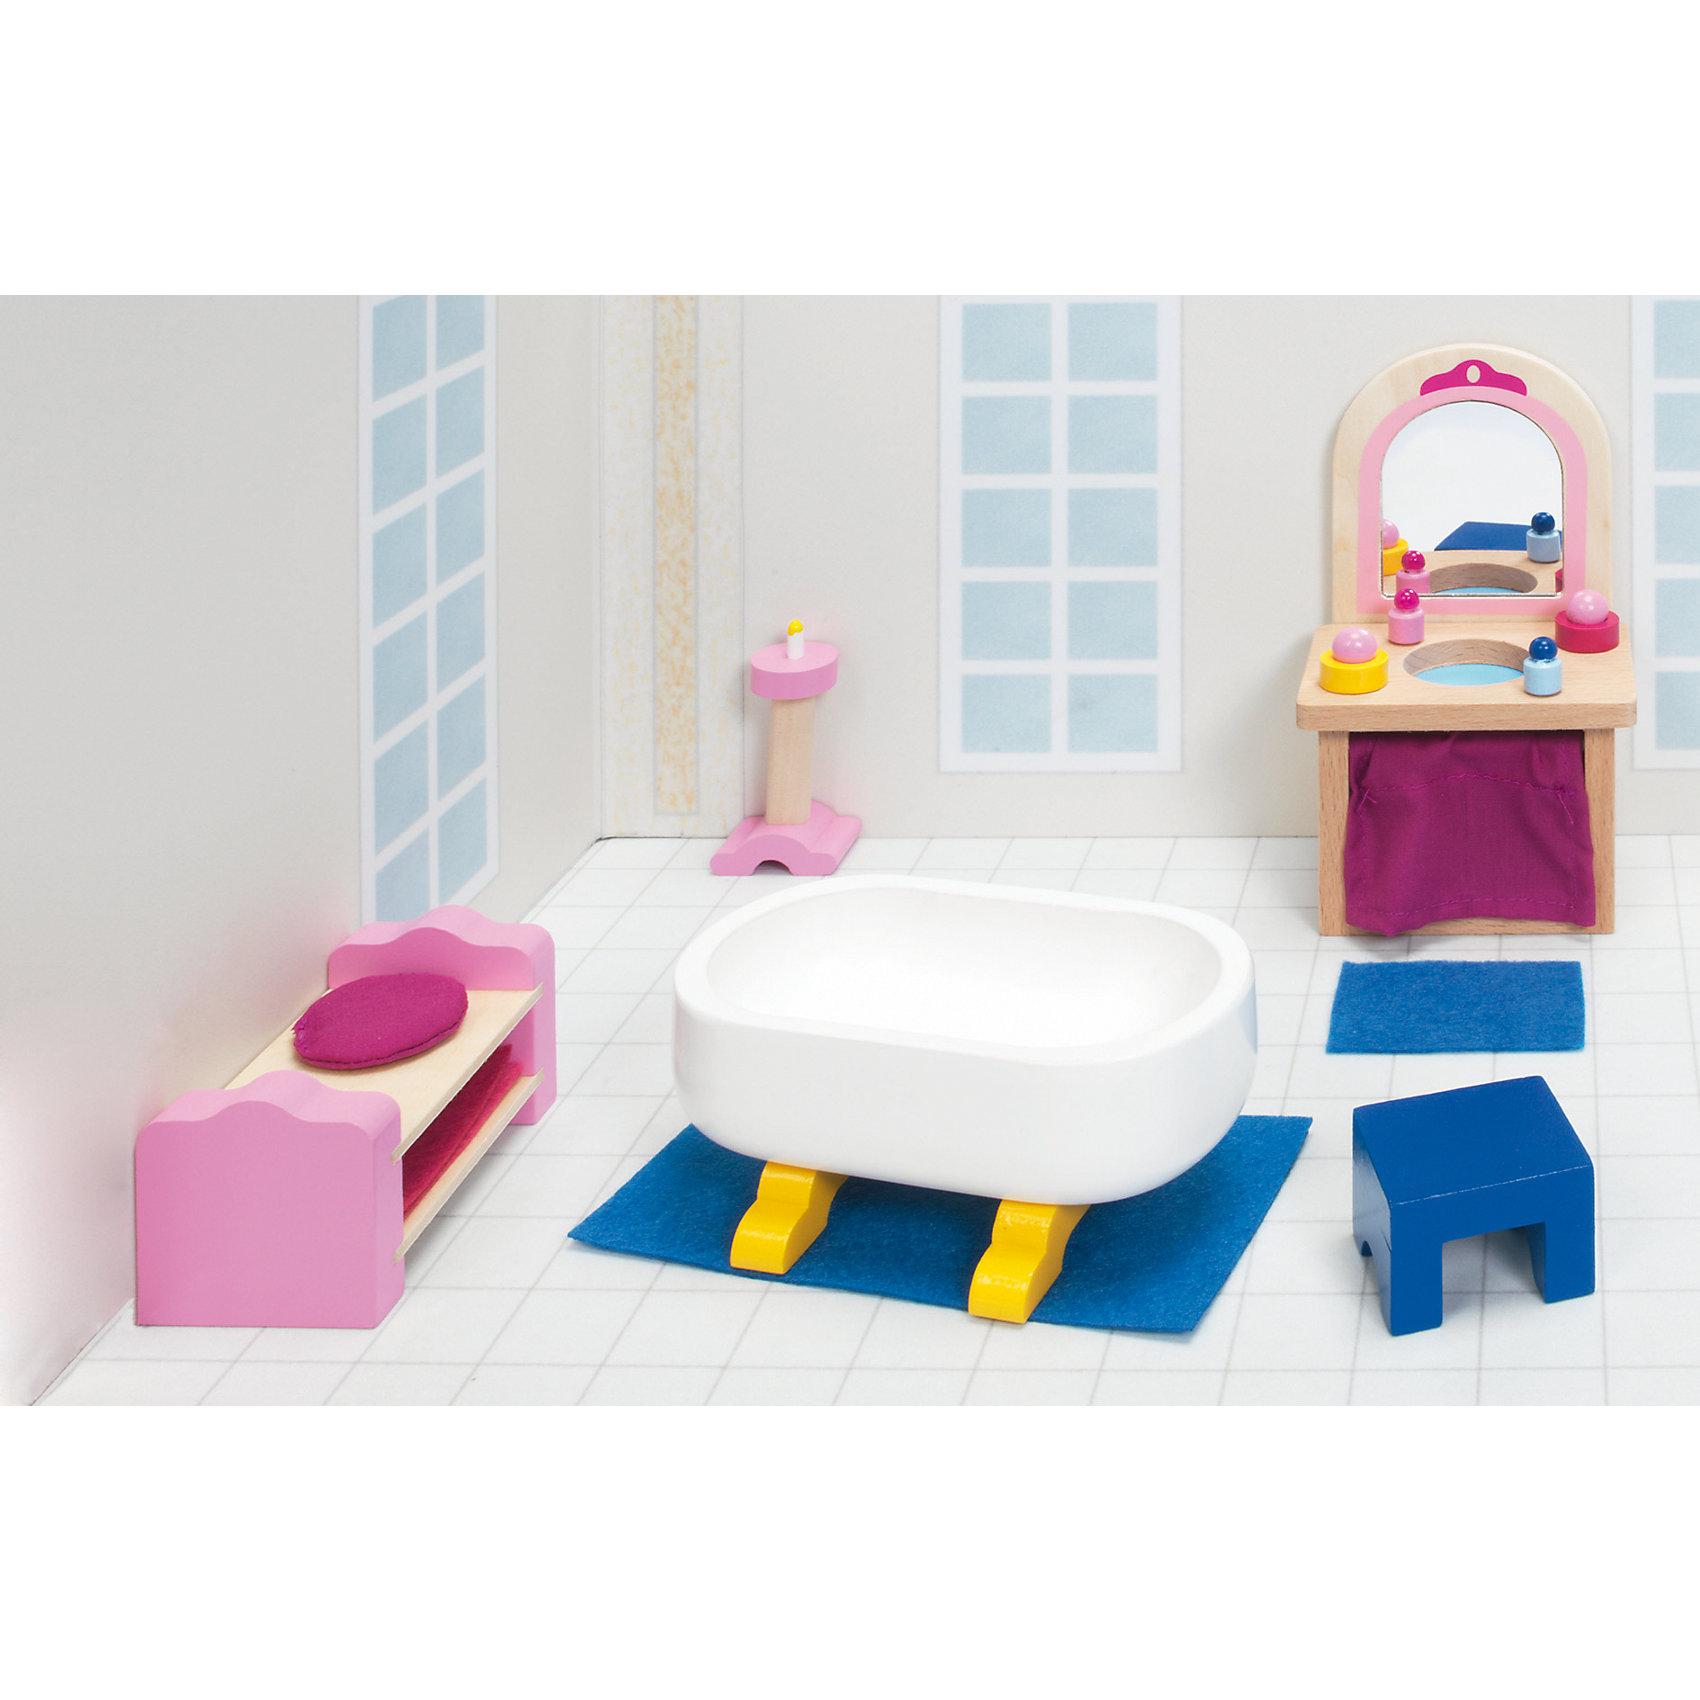 Мебель для кукольной ванной комнаты (дворец), gokiДомики и мебель<br>Характеристики товара:<br><br>- цвет: разноцветный;<br>- материал: дерево;<br>- возраст: от трех лет;<br>- комплектация: 17 предметов.<br><br>Этот симпатичный набор из множества предметов, необходимых в кукольной ванной, приводит детей в восторг! Какая девочка сможет отказаться поиграть с куклами, которые имеют ванную комнату, так похожую на настоящую?! В набор входят самые необходимые для этого помещения вещи. Игрушки очень качественно выполнены, поэтому набор станет замечательным подарком ребенку. <br>Продается набор в красивой удобной упаковке. Игры с куклами помогают девочкам развить важные навыки и отработать модели социального взаимодействия. Изделие произведено из высококачественного материала, безопасного для детей.<br><br>Мебель для кукольной ванной комнаты (дворец) от германского бренда GOKI можно купить в нашем интернет-магазине.<br><br>Ширина мм: 110<br>Глубина мм: 110<br>Высота мм: 110<br>Вес г: 340<br>Возраст от месяцев: 36<br>Возраст до месяцев: 144<br>Пол: Женский<br>Возраст: Детский<br>SKU: 5155313